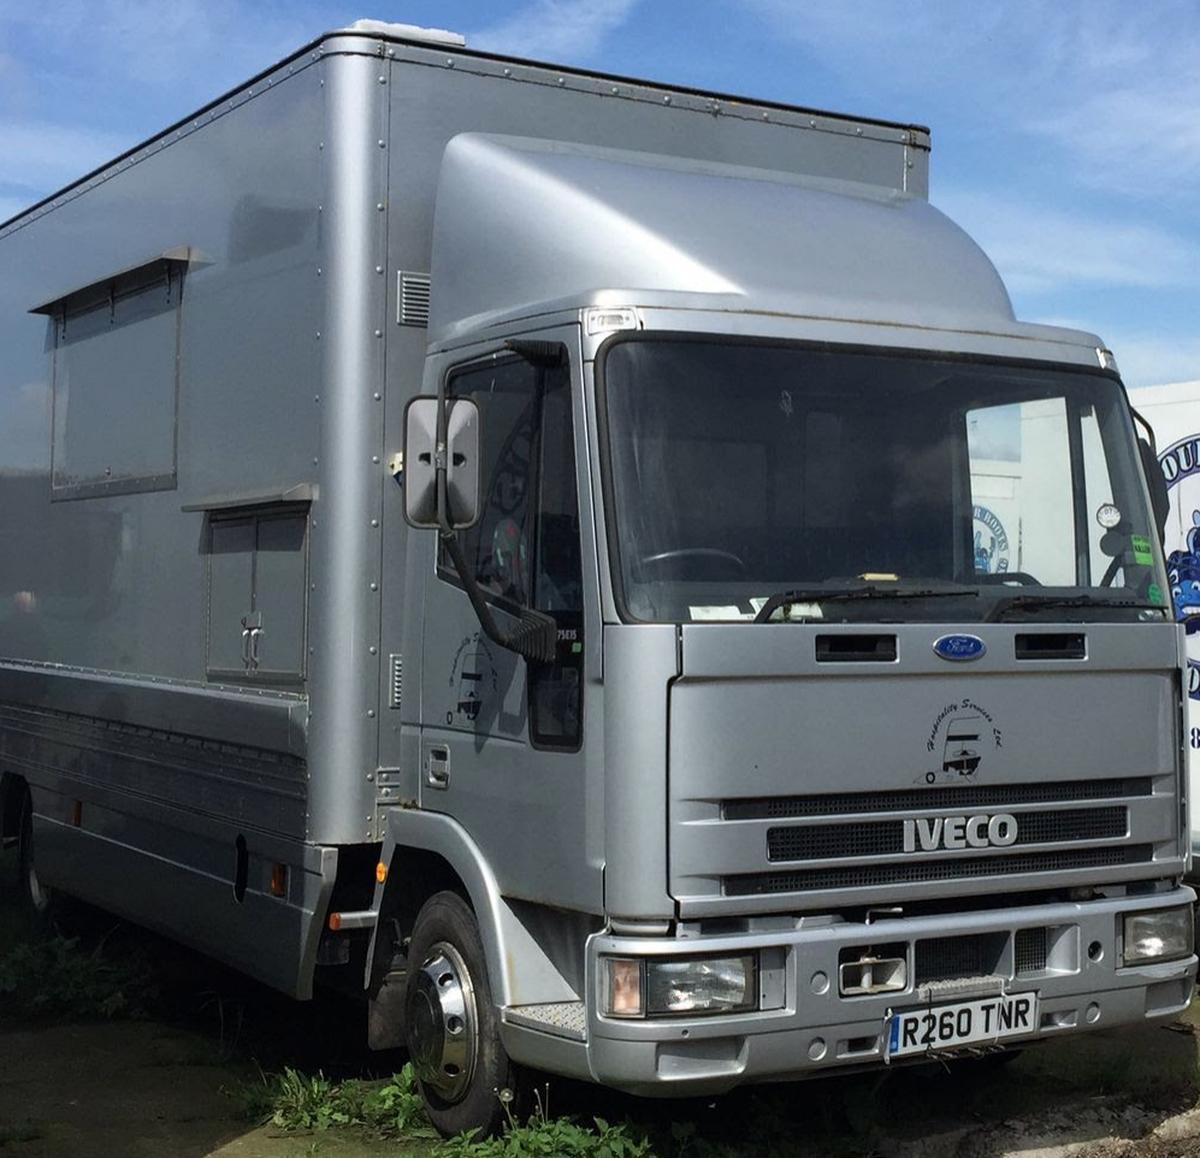 Farnham Van Sales Used Cars In Surrey: Secondhand Lorries And Vans